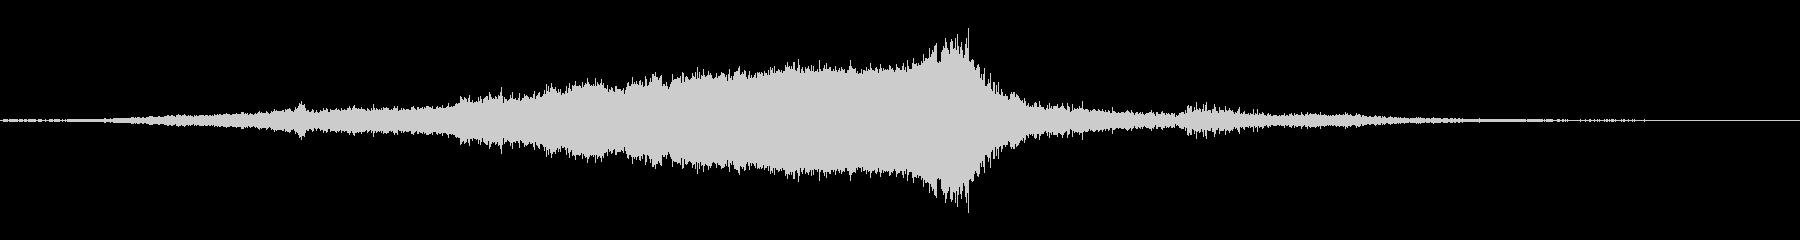 ジェットパック:スタート、ワインド...の未再生の波形